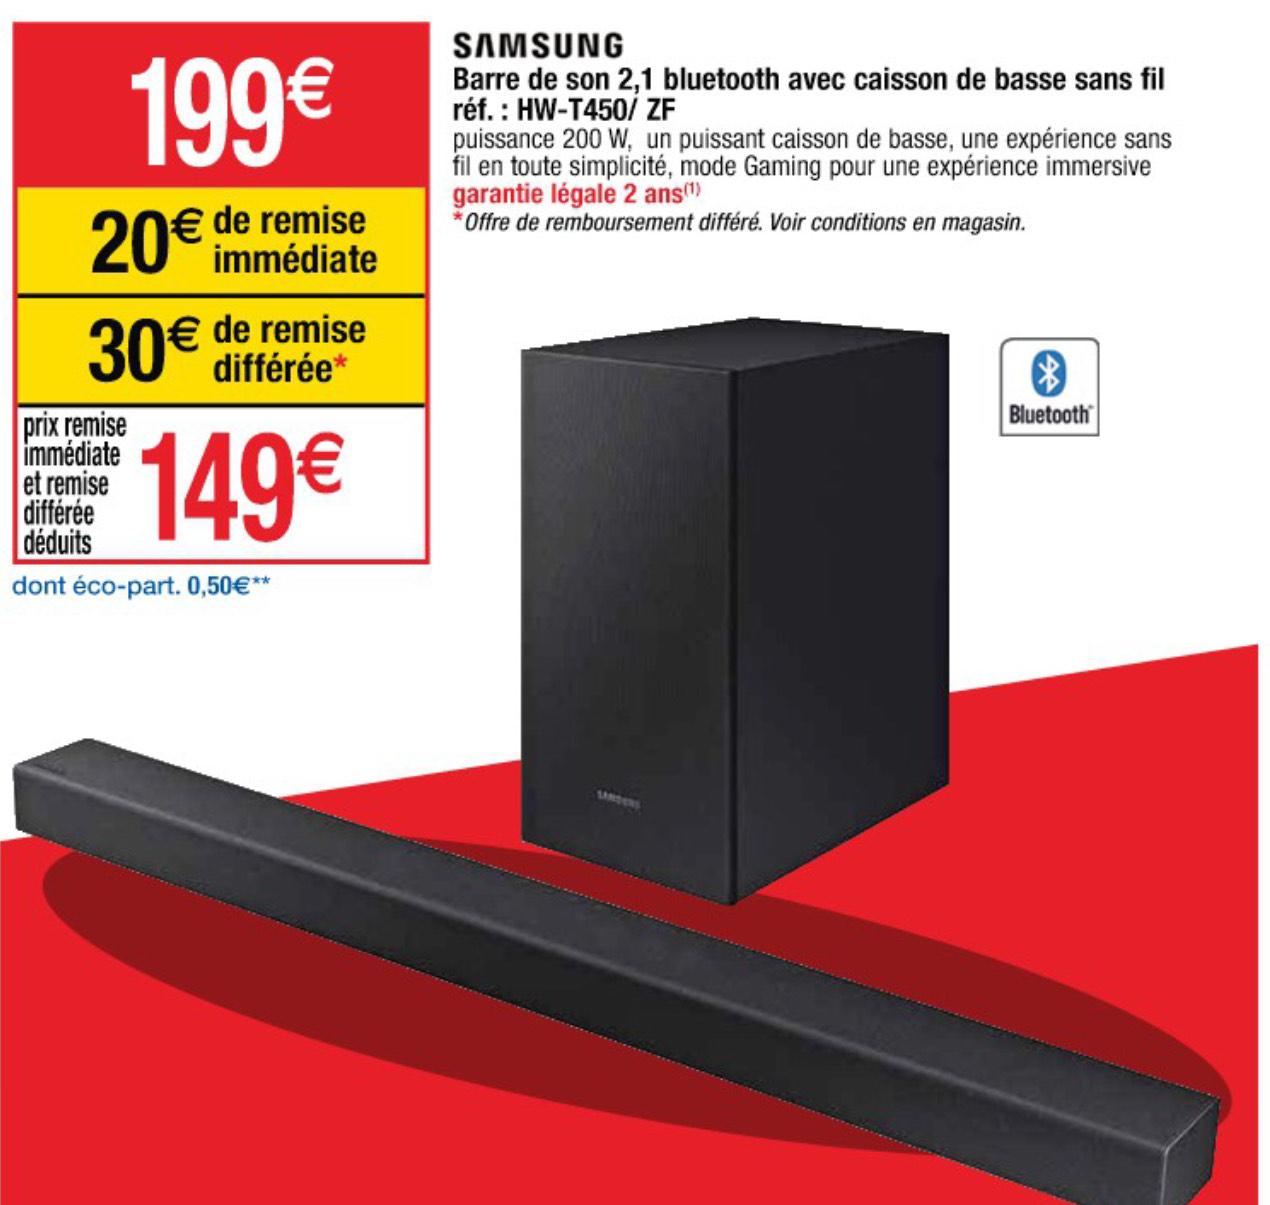 Barre de son 2.1 Samsung HW-T450 - 200W, Bluetooth, Noir (via ODR 30€)